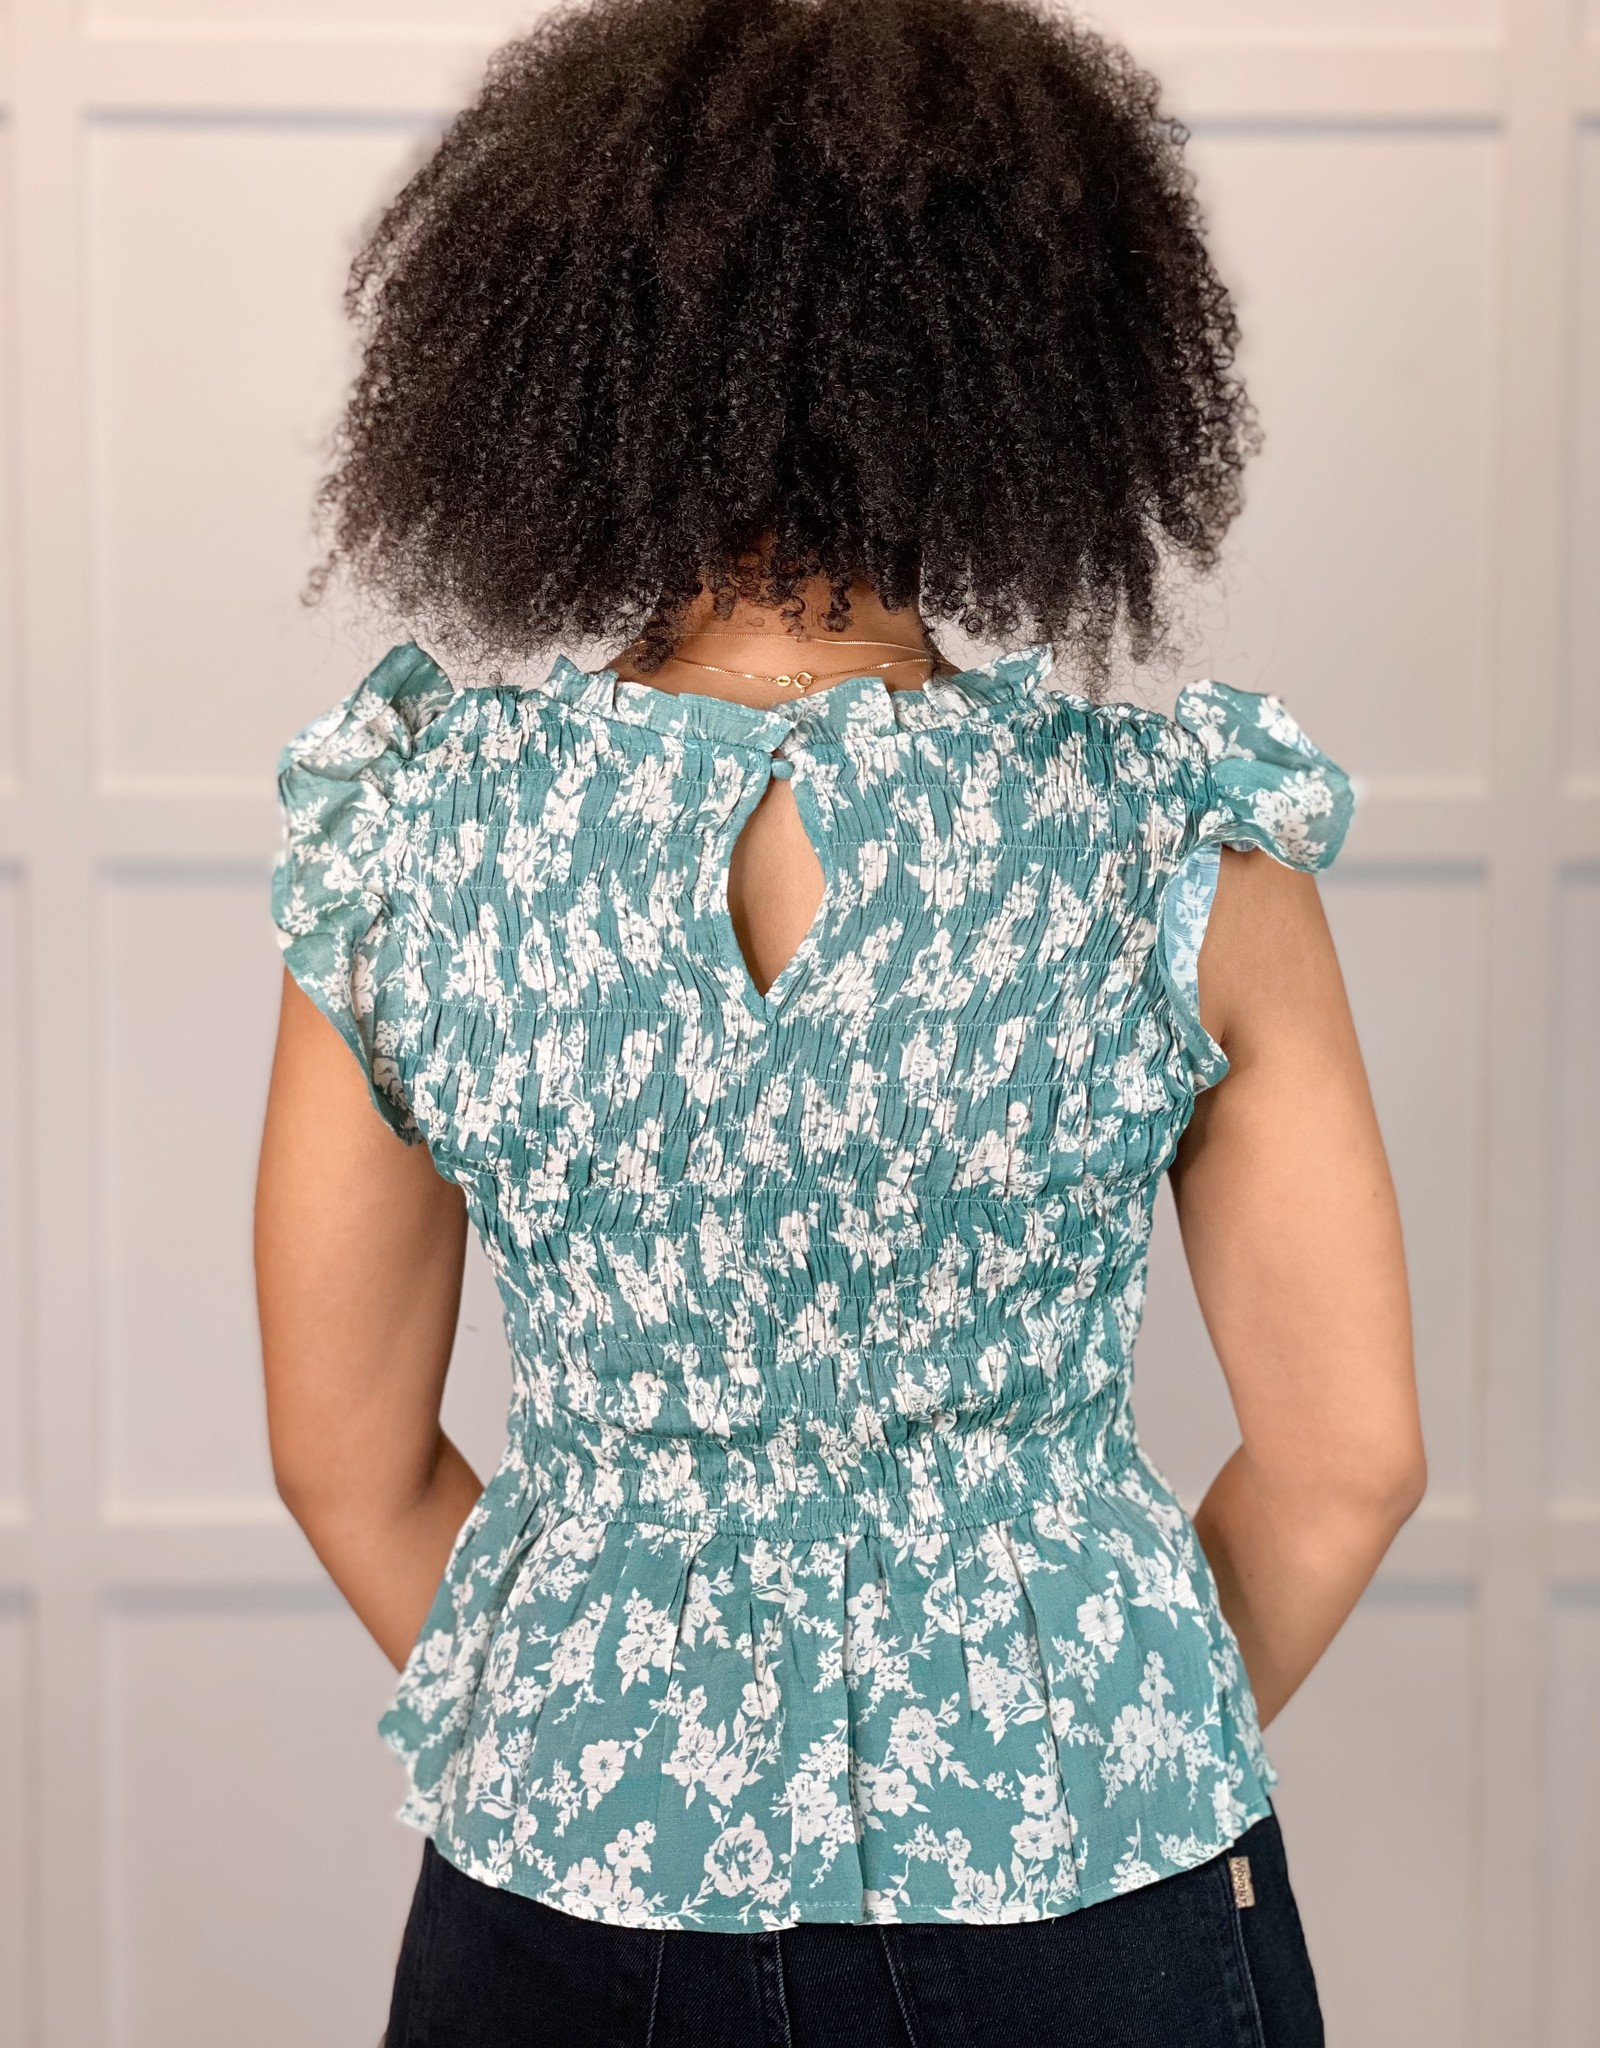 HUSH BELLAROSE smocked blouse